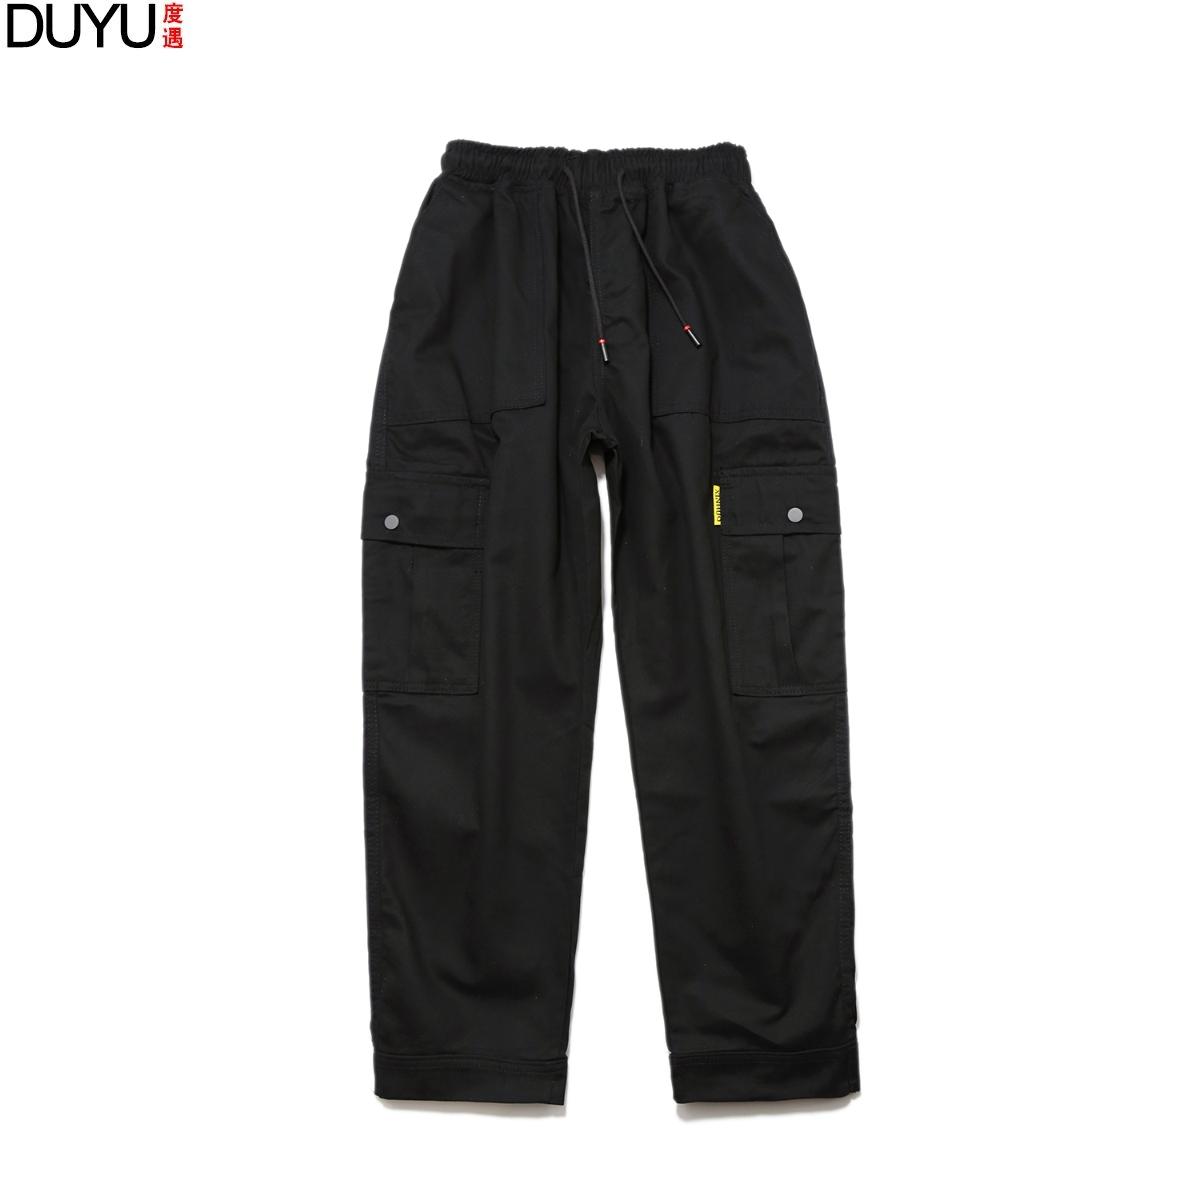 小黑裤男百搭纯全黑配牛仔外套的kuzi宽松宽春夏工装直筒净版卫裤